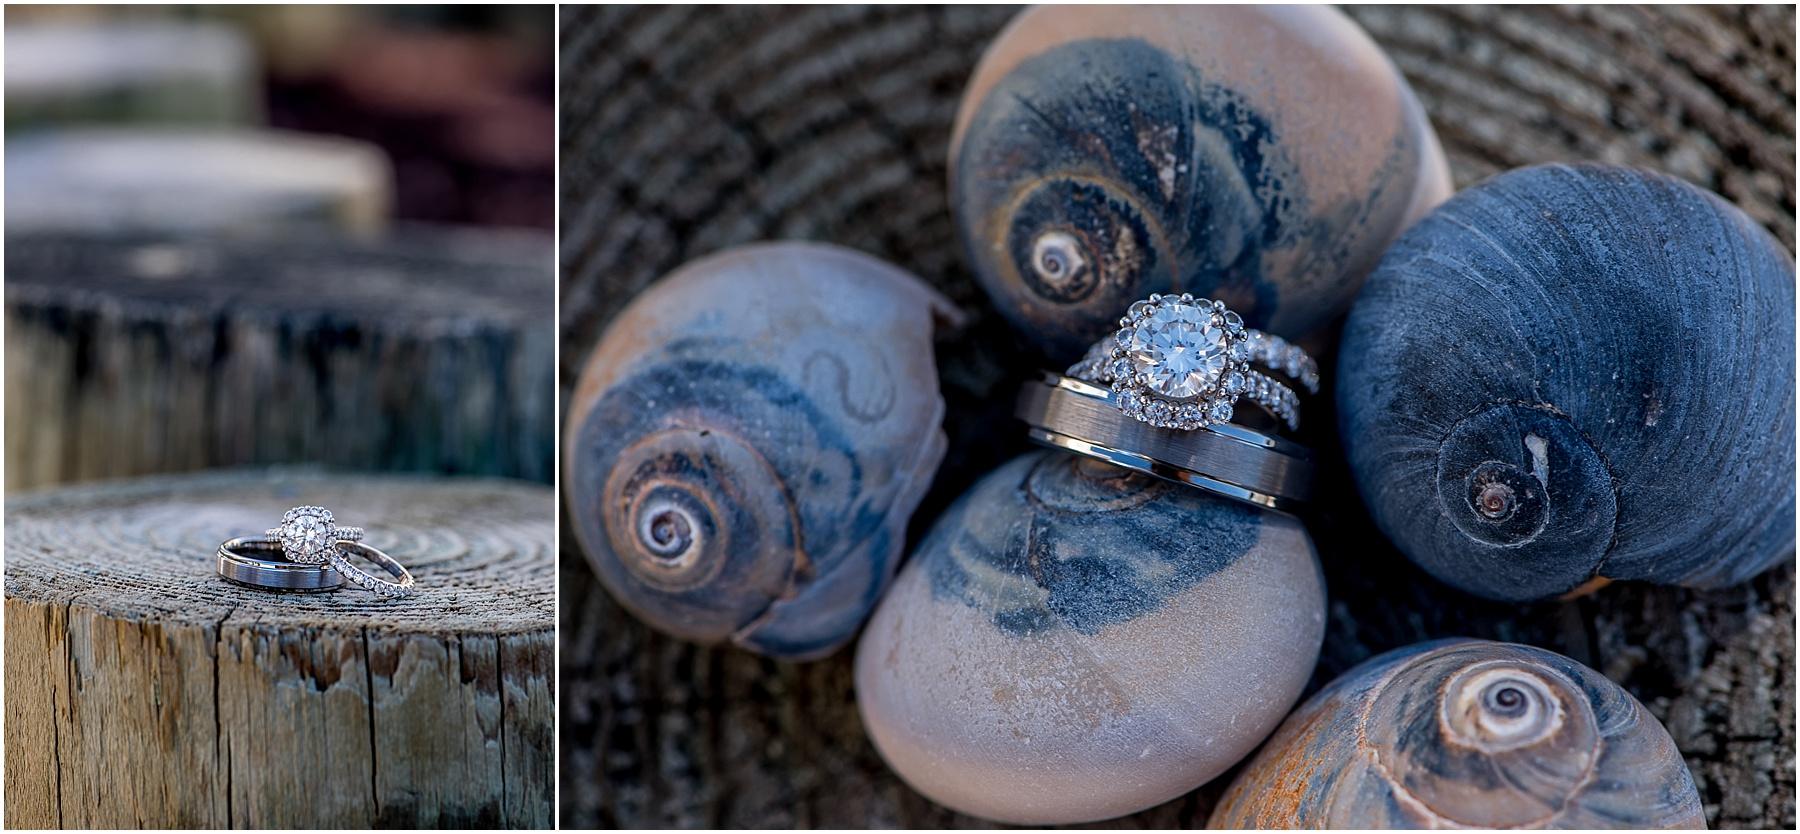 Silver Orchid Photography Weddings, Yacht Club of Sea Isle City, Sea Isle City, Beach Wedding, Destination Wedding